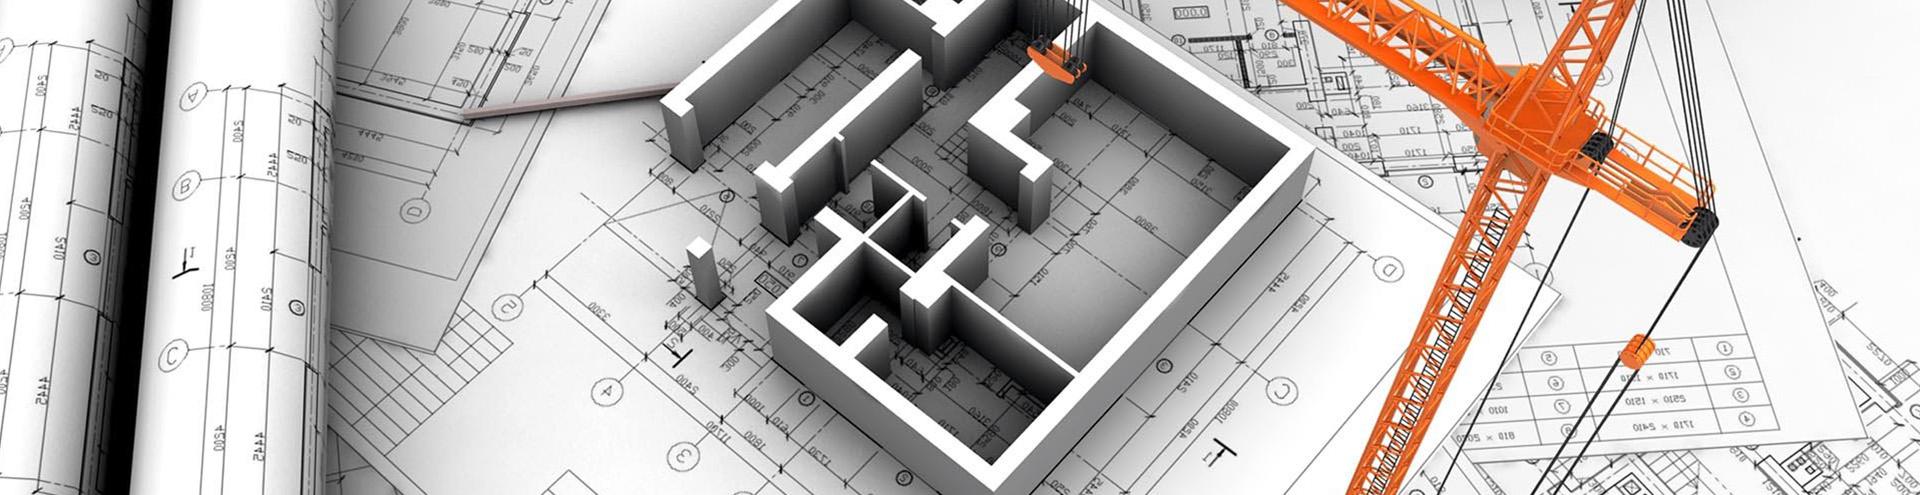 Получение разрешения на реконструкцию здания в Нижнем Новгороде и Нижегородской области